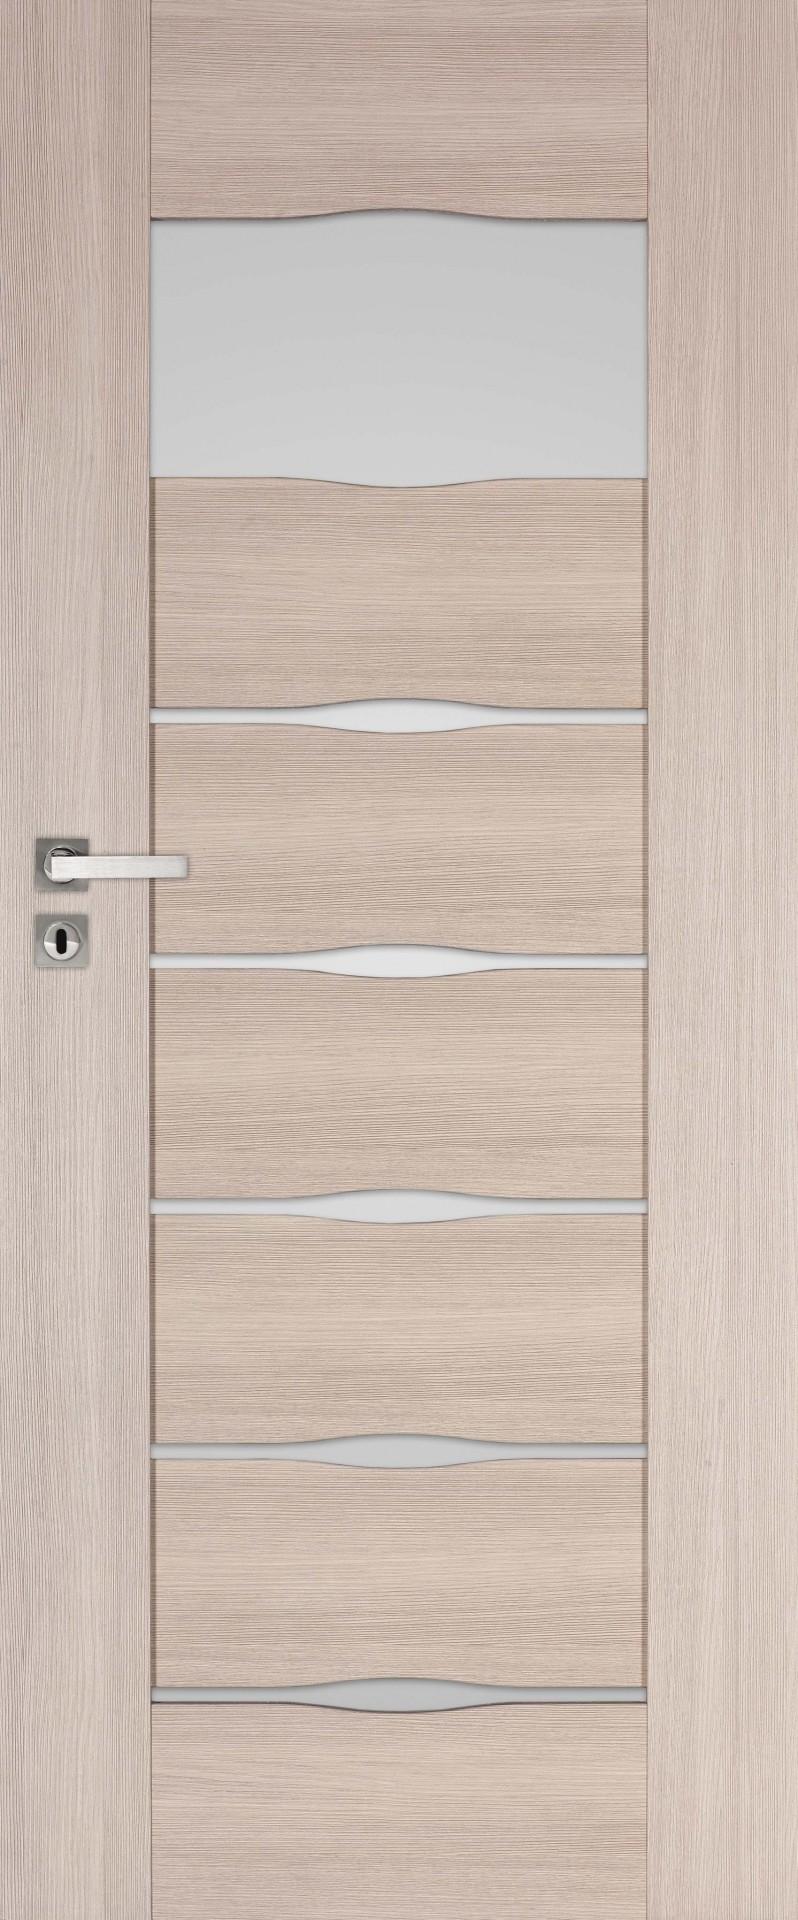 Dre dveře VERANO 1, Šíře v cm 80